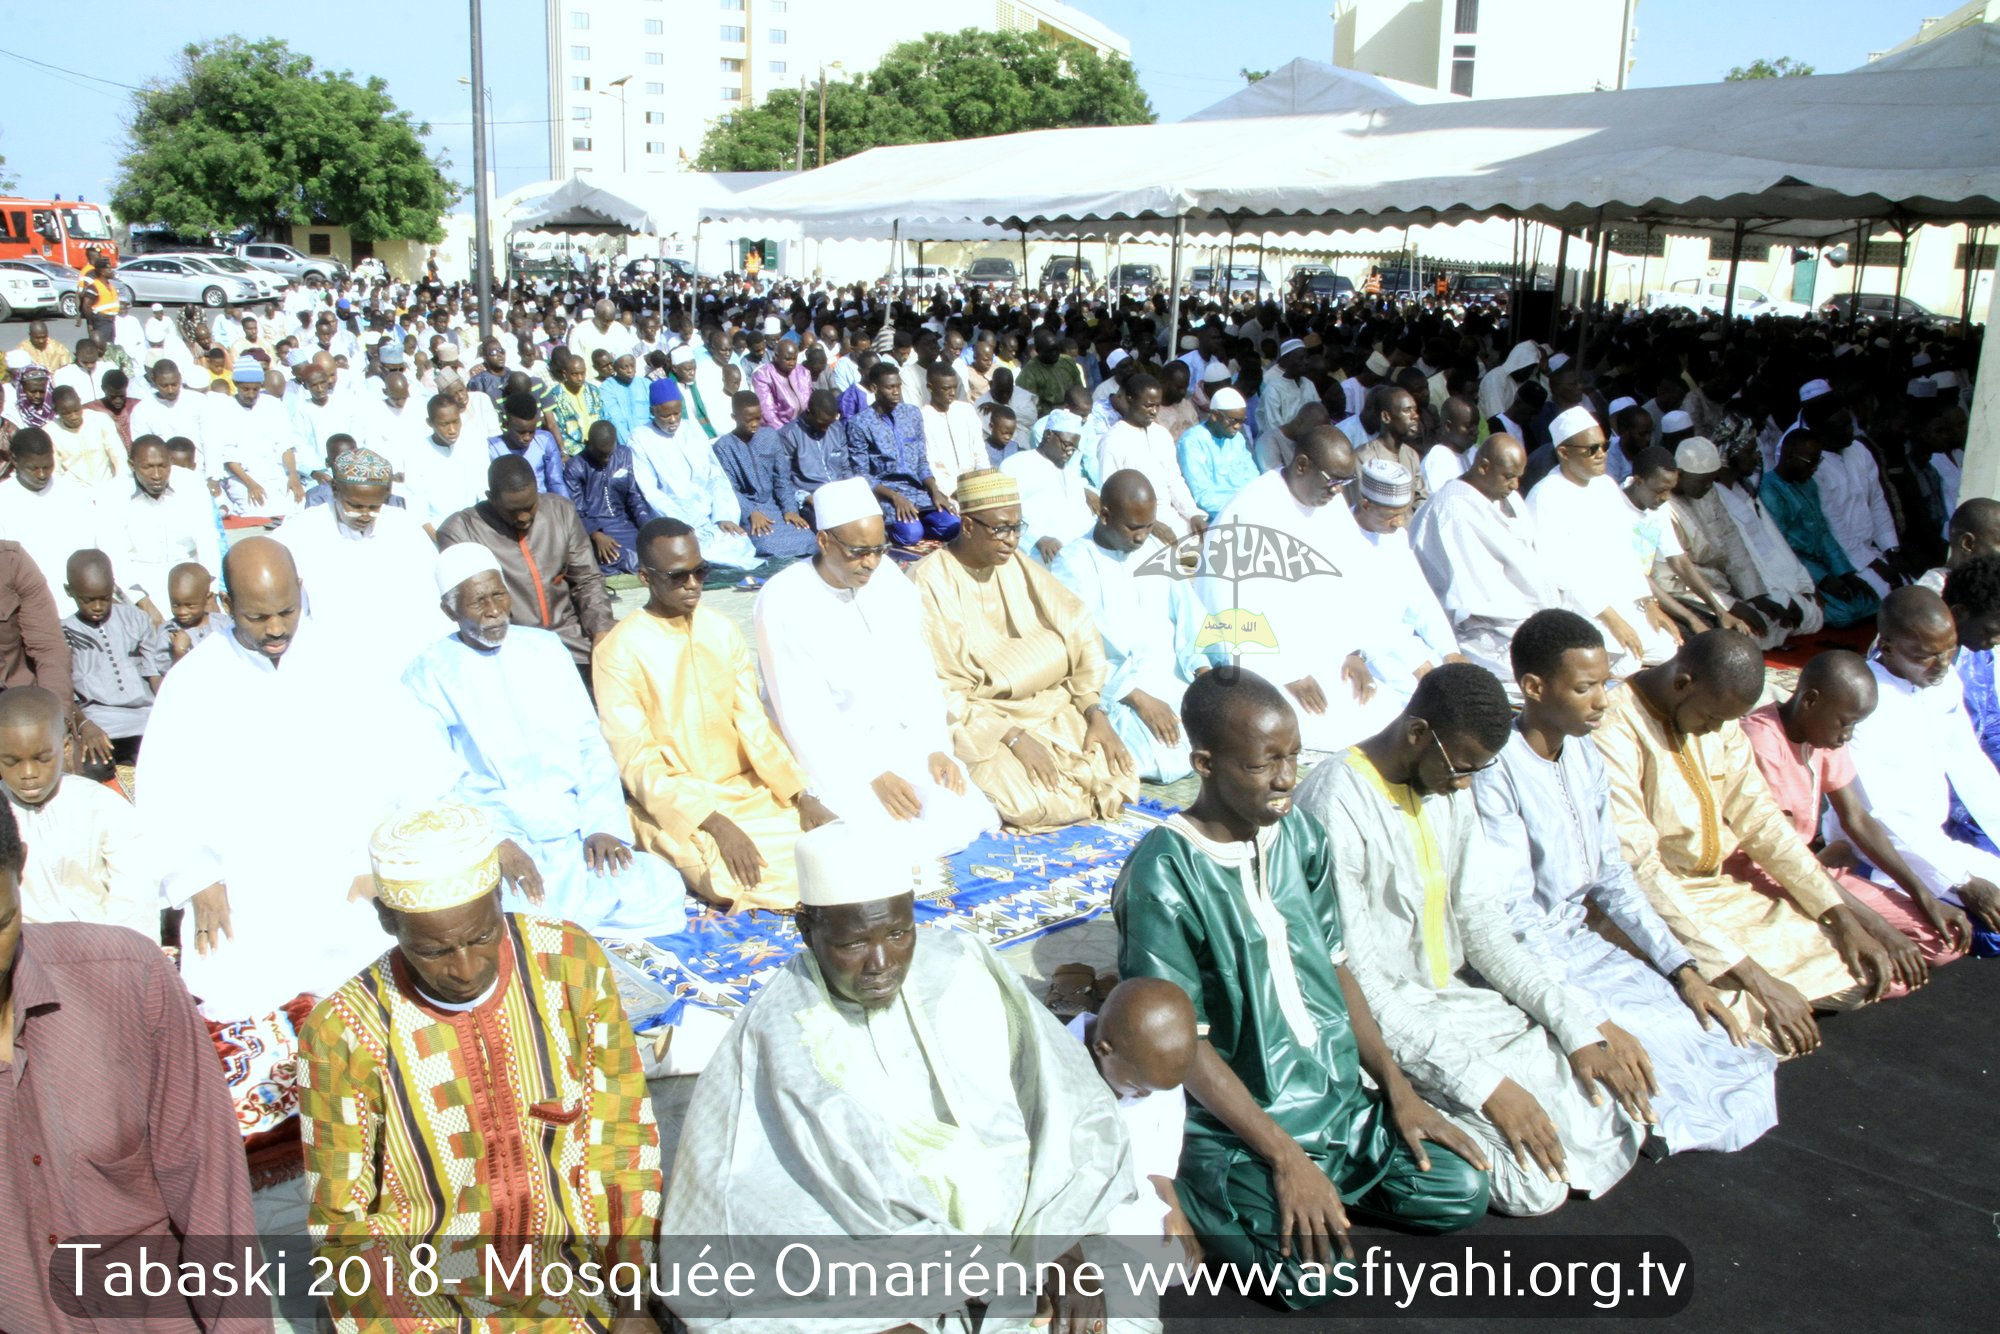 PHOTOS - TABASKI 2018 - Les Images de la Priere de la Tabaski 2018 à la Mosquée Omarienne de Dakar